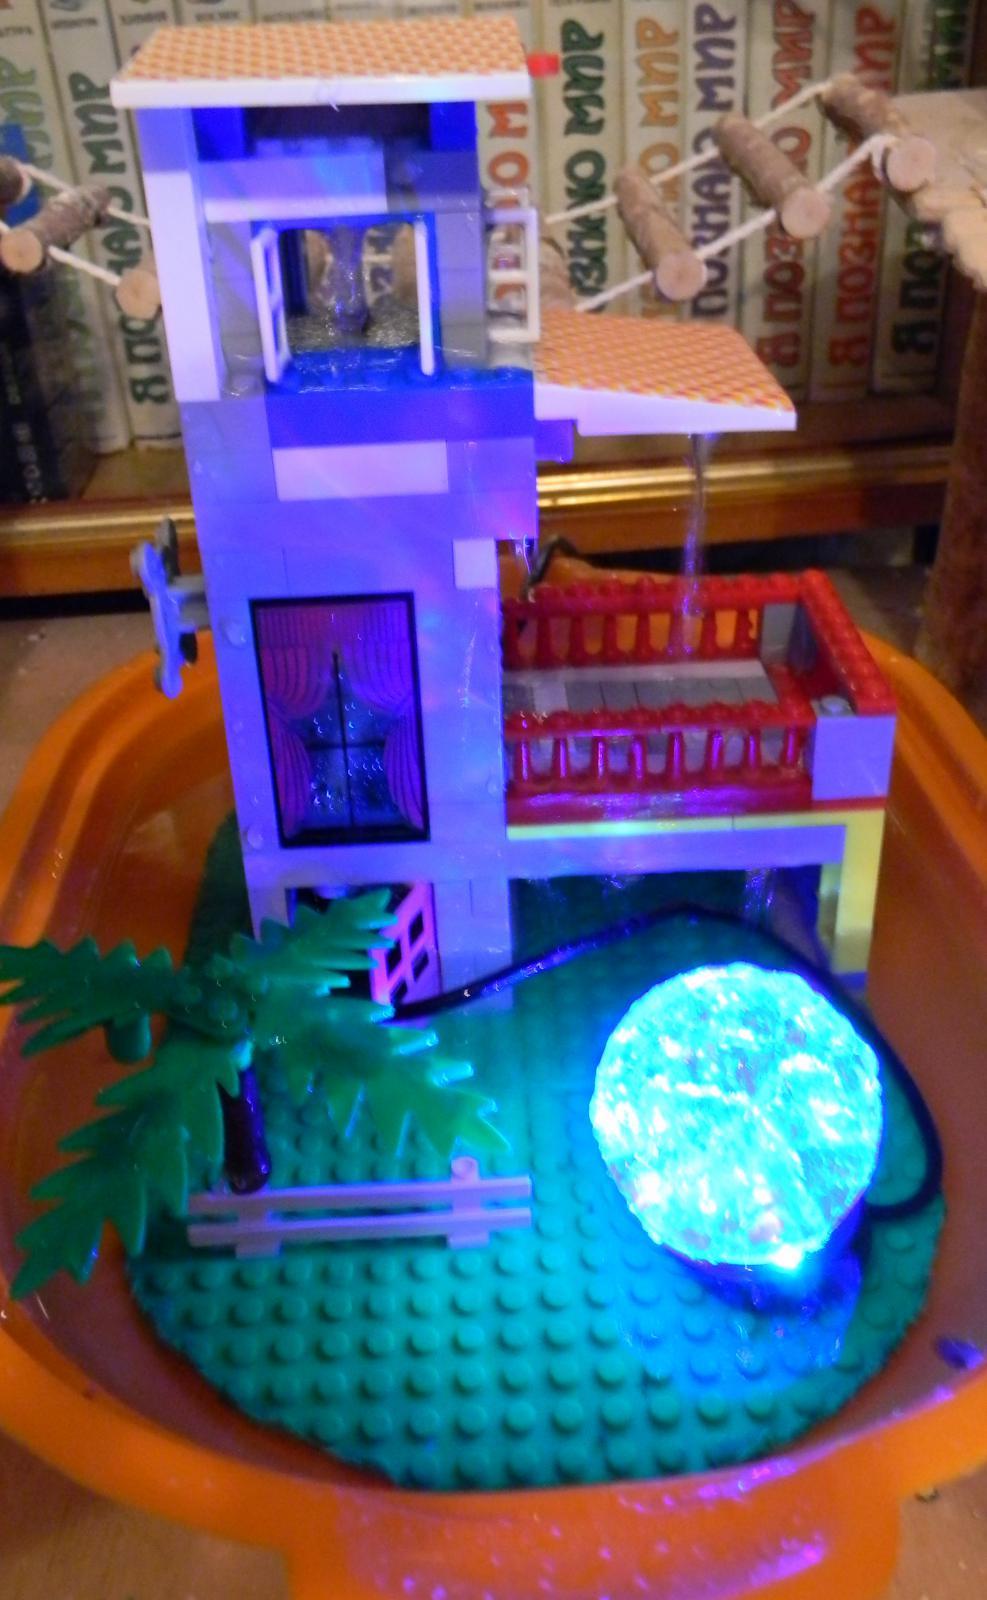 Фонтанчик с подсветкой для попугаев. - с подсветкой.JPG